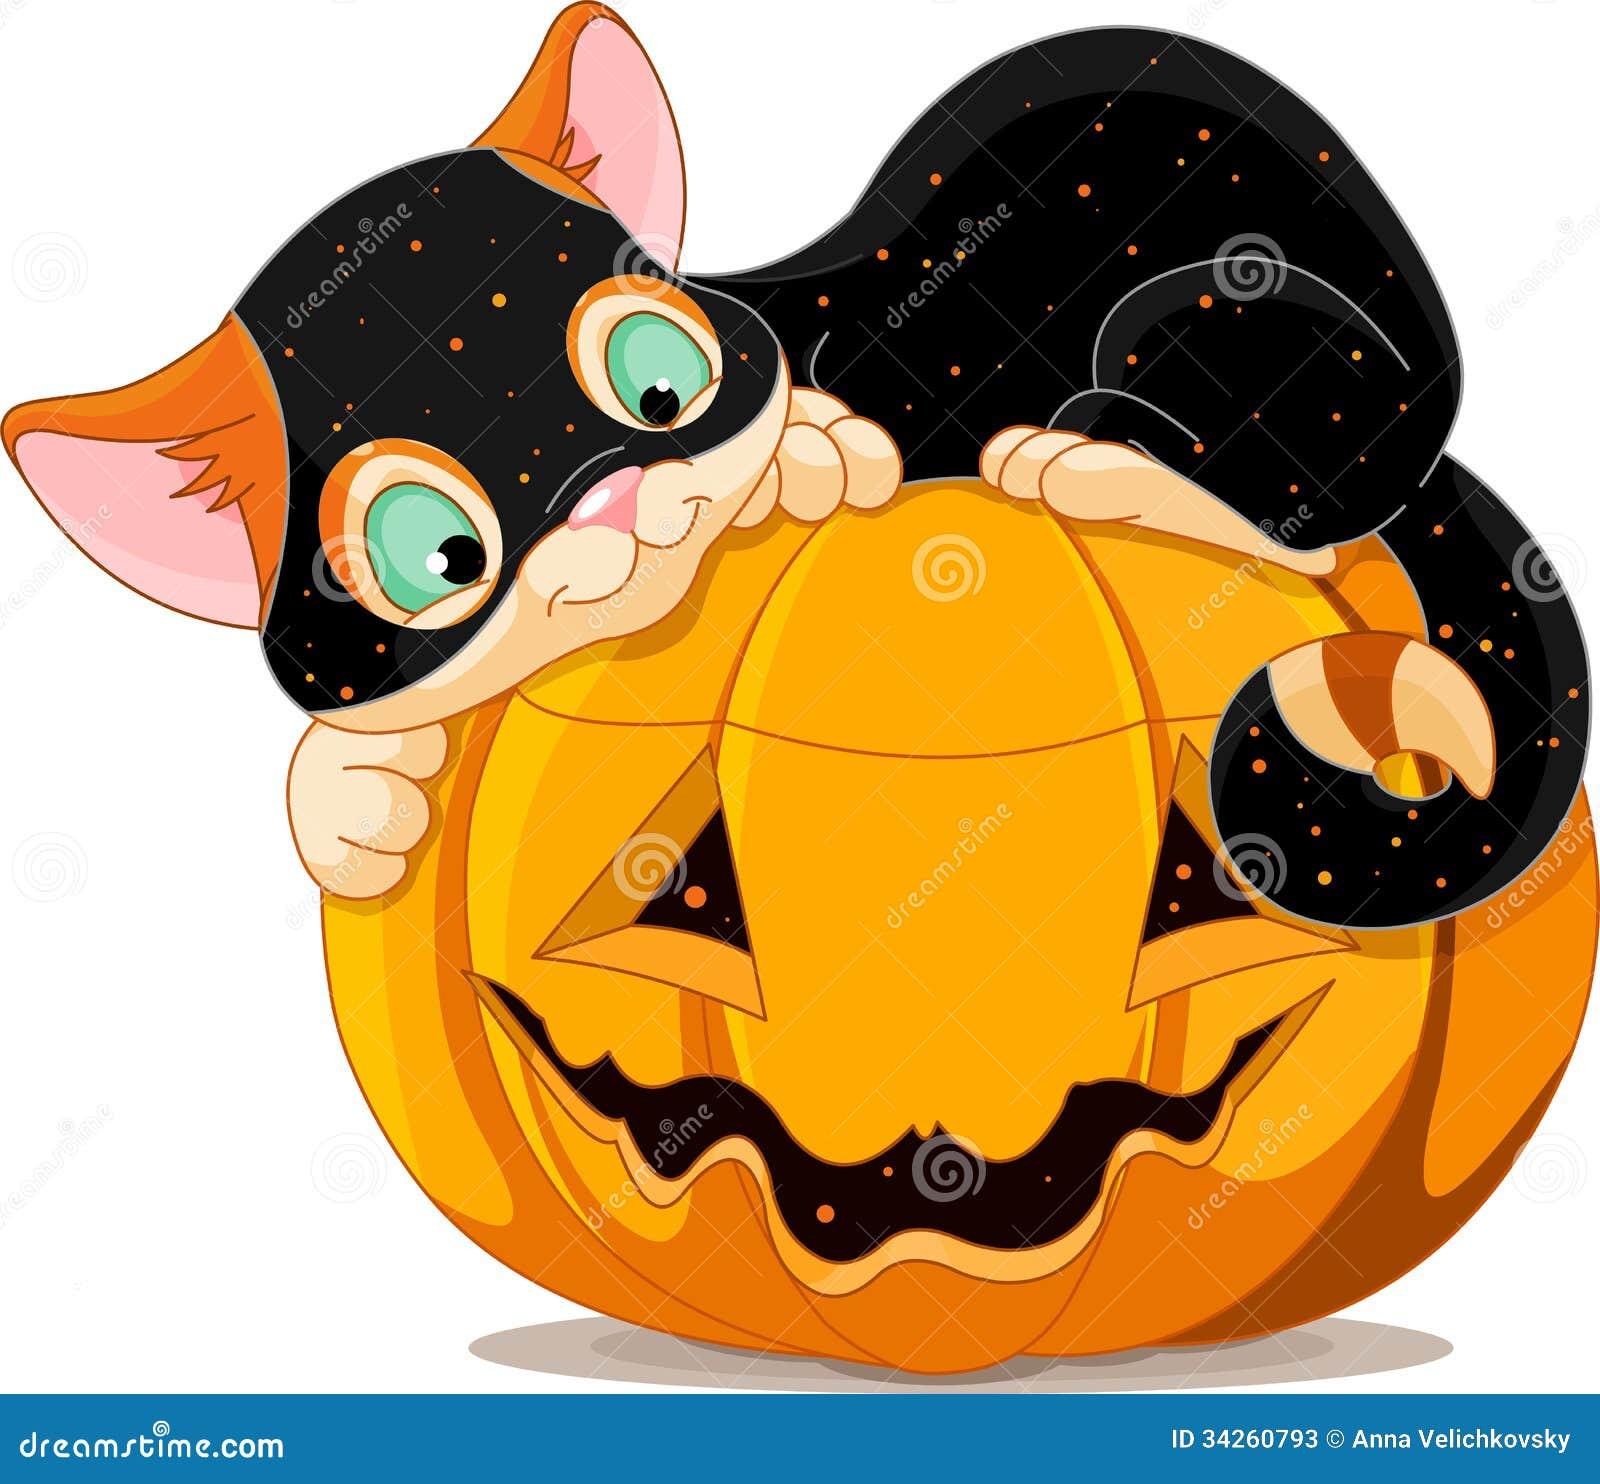 Cute Halloween Decorations Pinterest: Halloween Kitten Stock Vector. Illustration Of Domestic